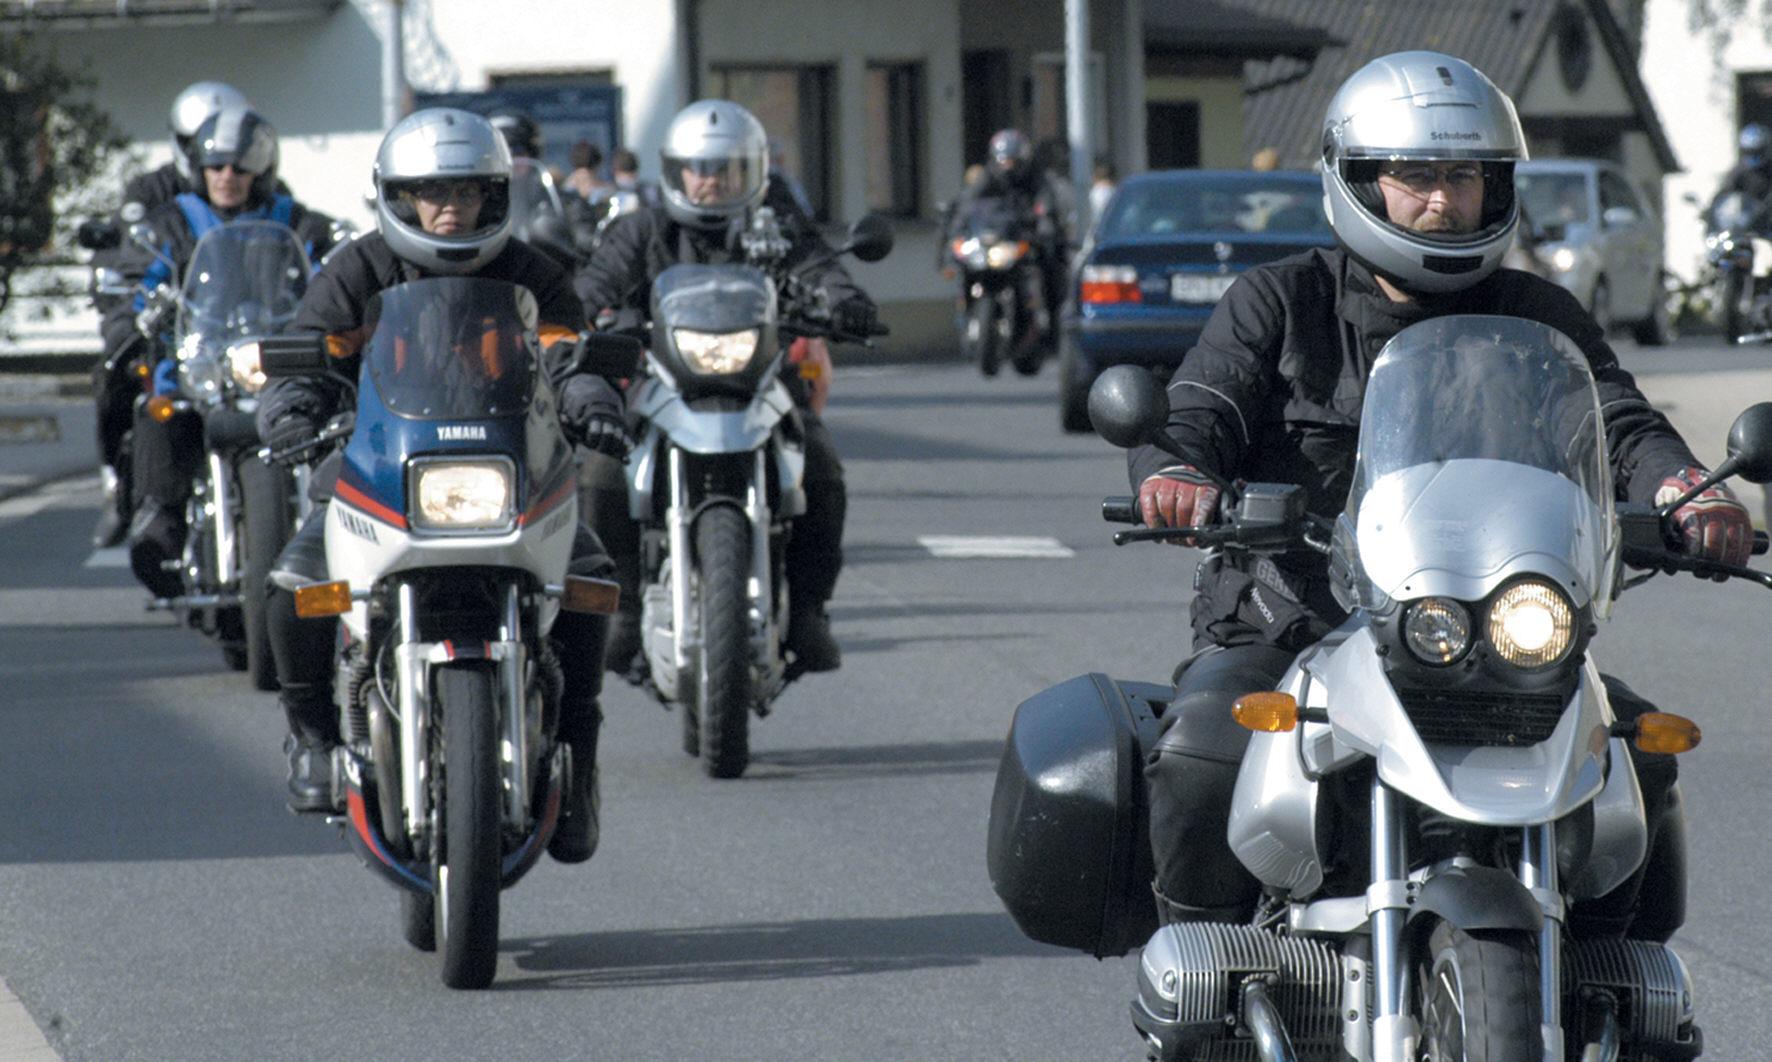 Gemischte Ergebnisse beim Motorradhelm-Test